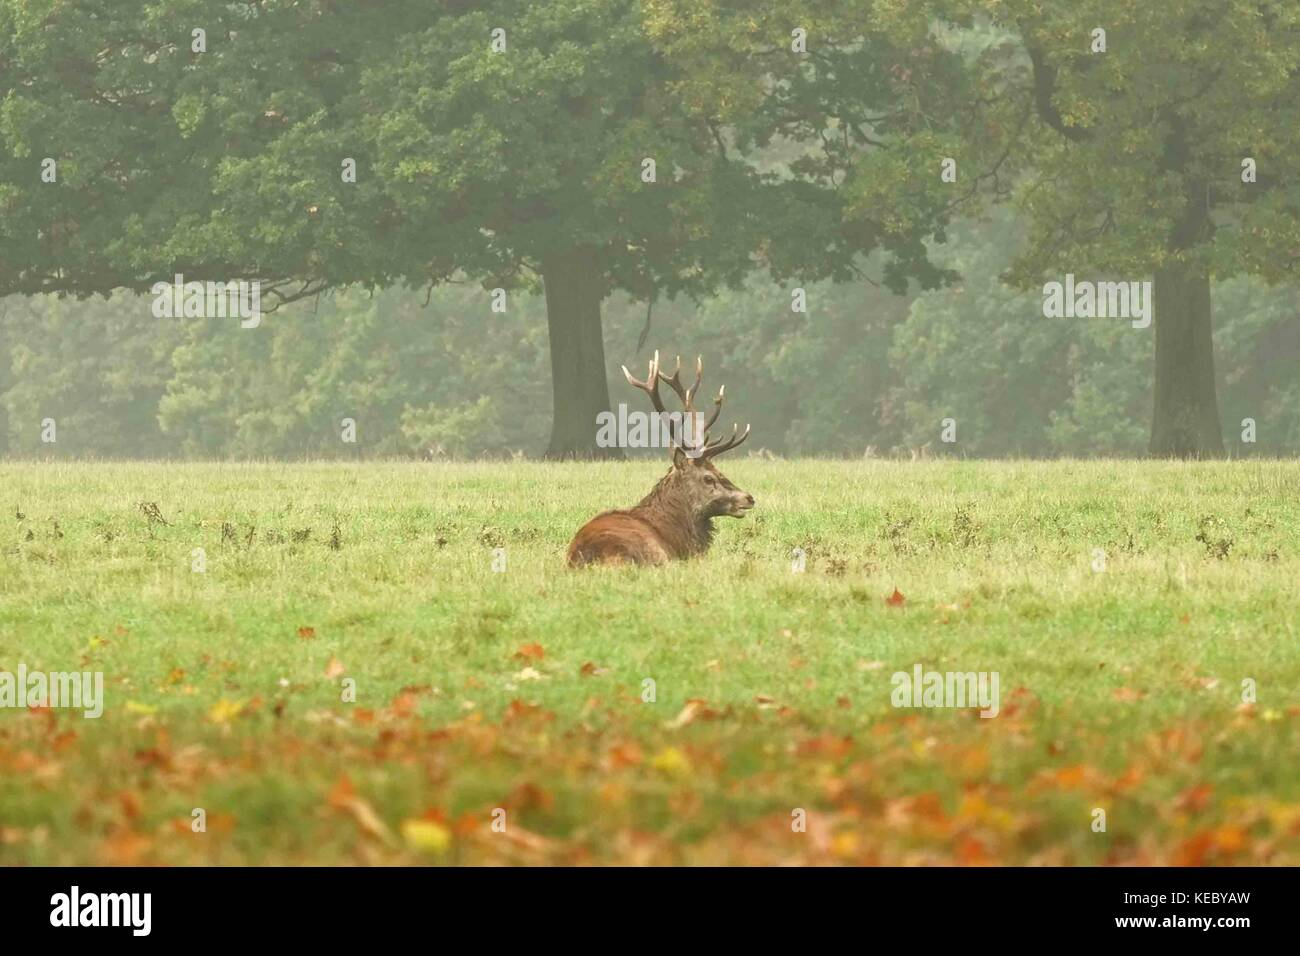 Londres, Reino Unido 19 Oct 2017. Ciervo en un misty mañana durante la temporada de celo en Windsor Geat Park.Hay Foto de stock